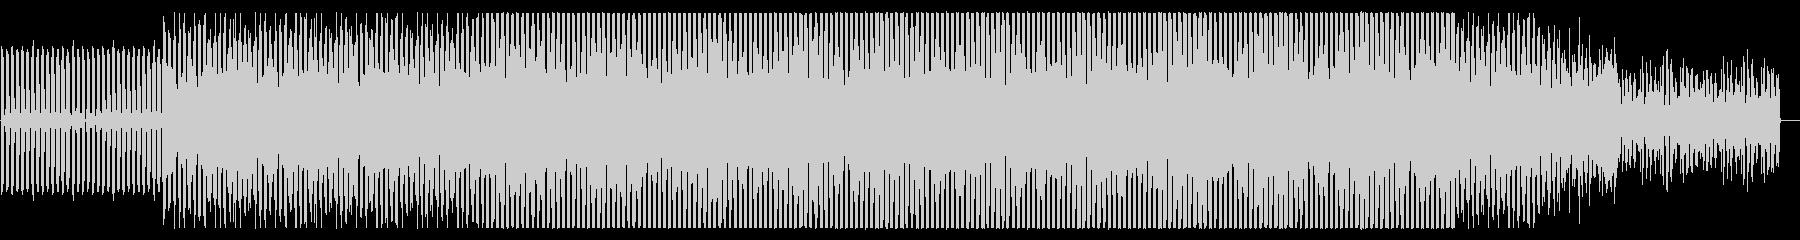 ポジティブなEDM風BGMですの未再生の波形